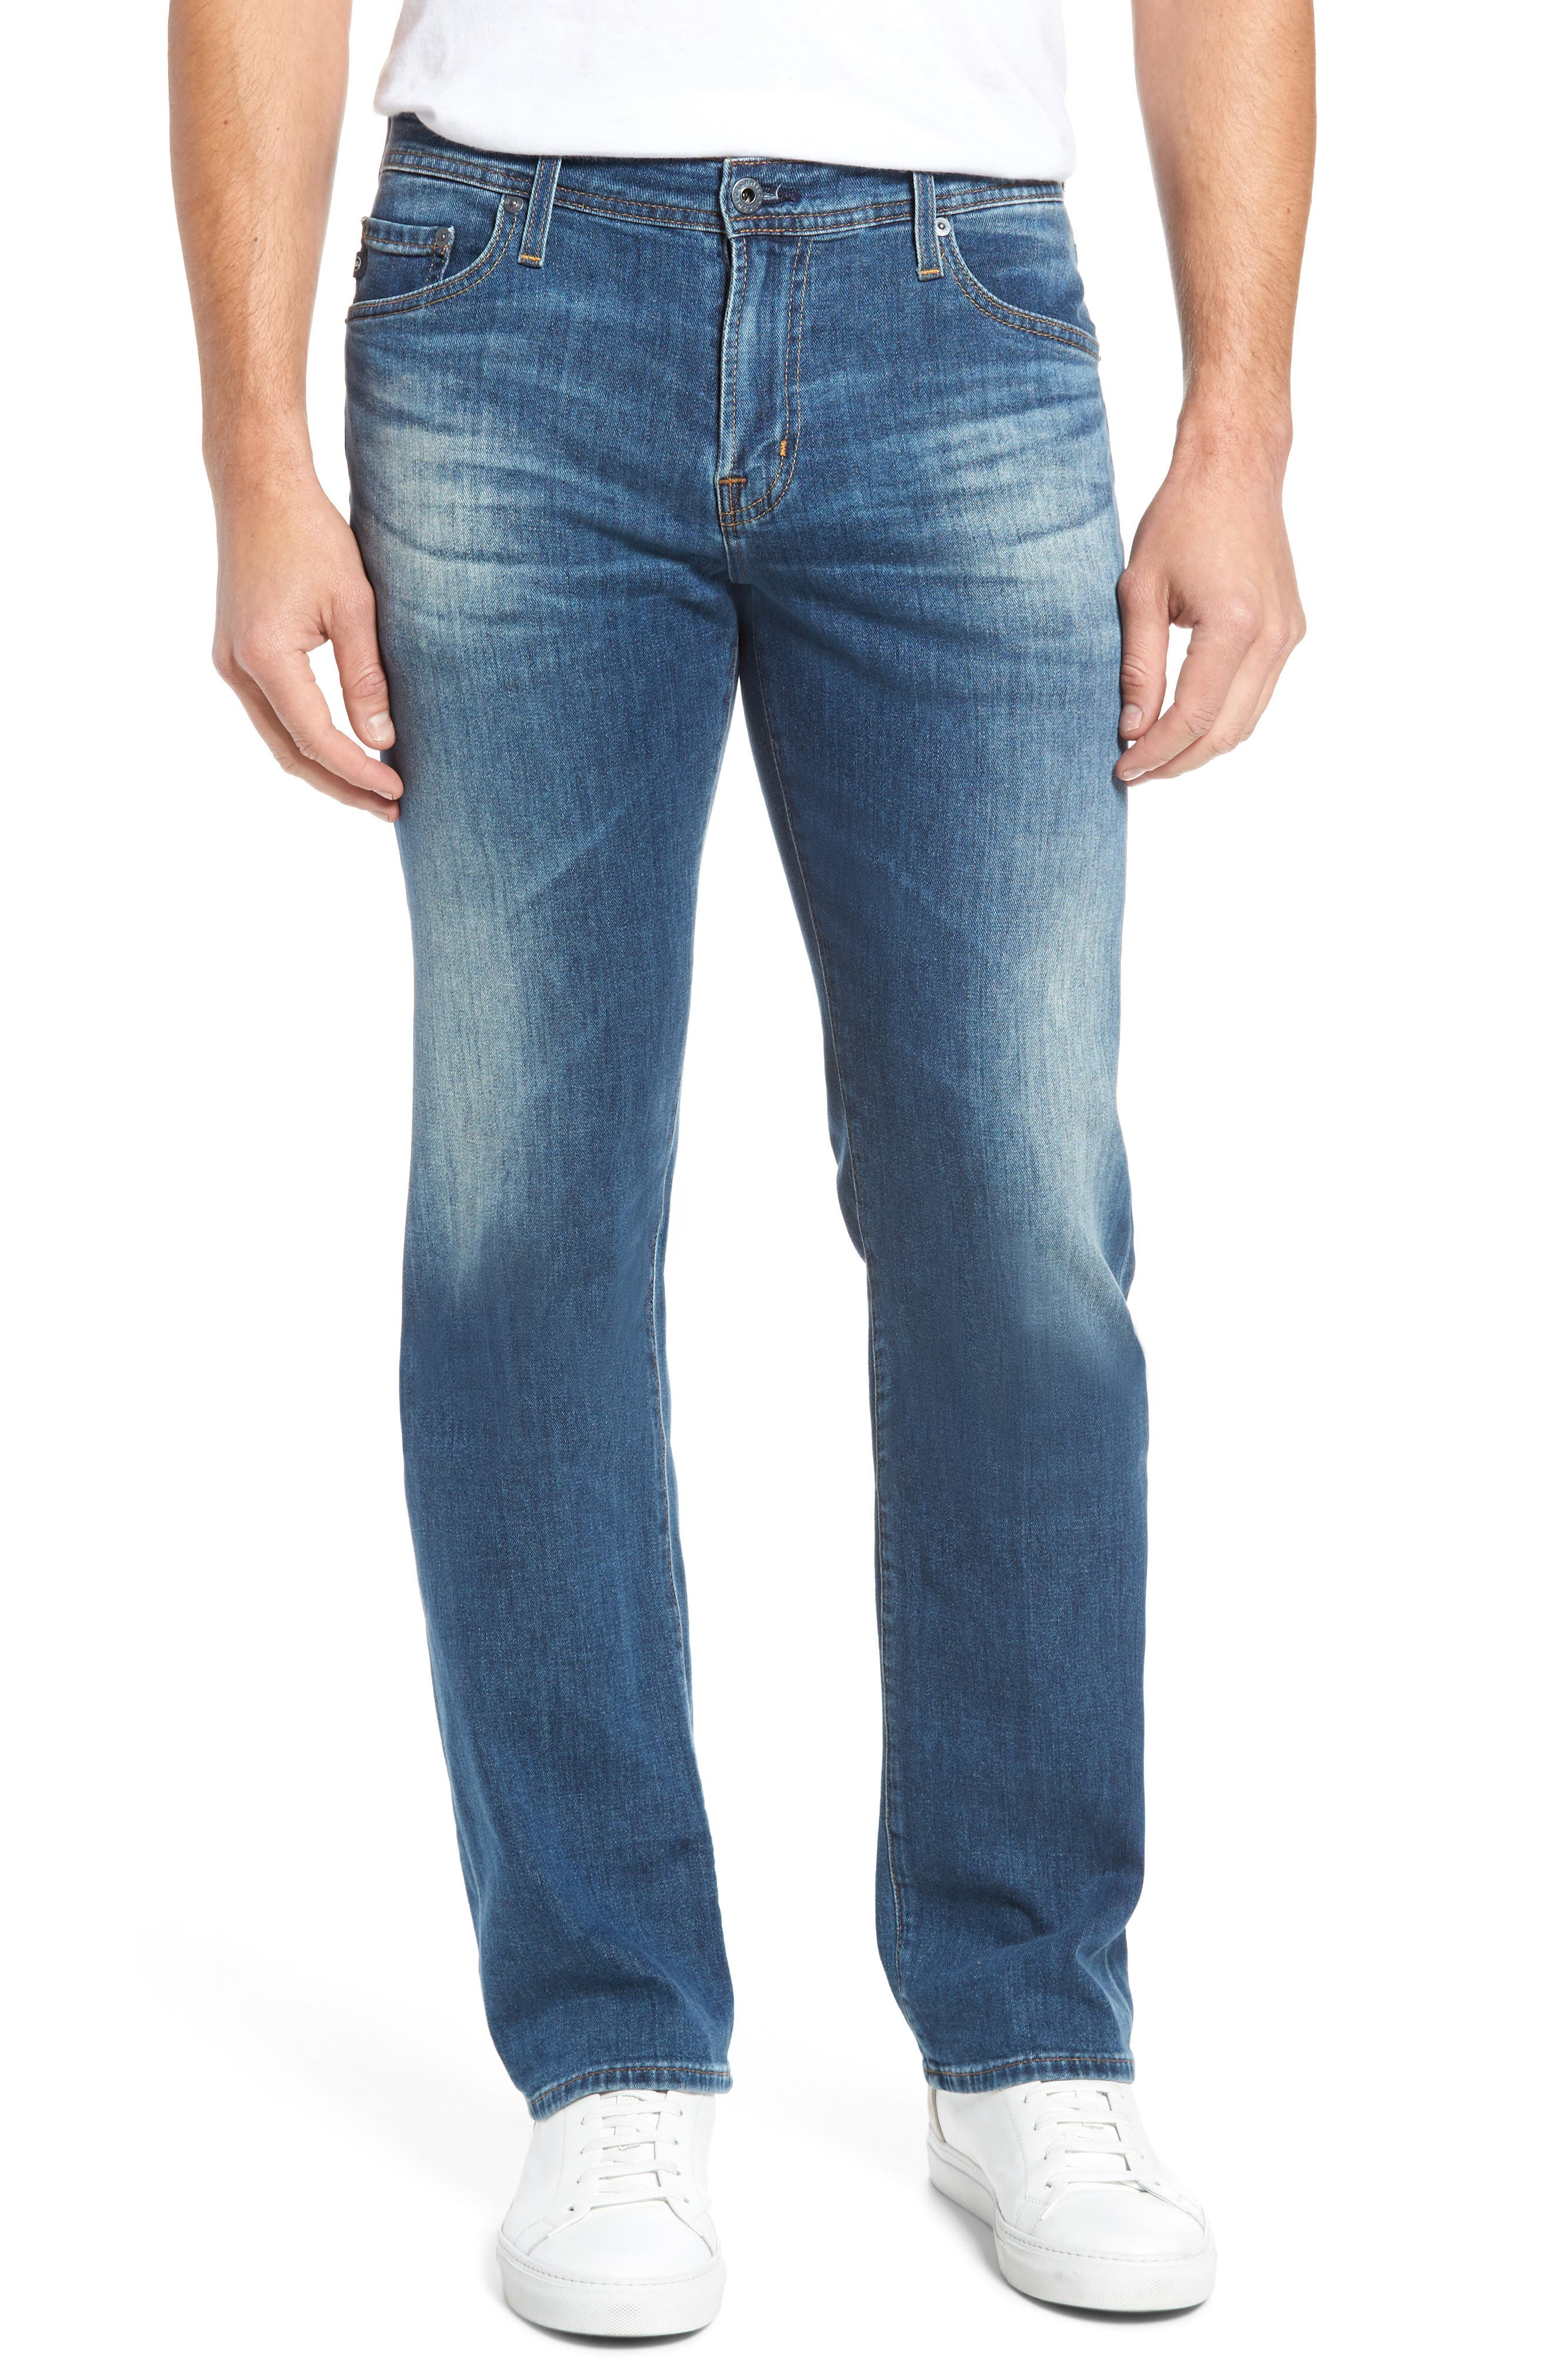 AG Protégé Relaxed Fit Jeans (Four Rivers)